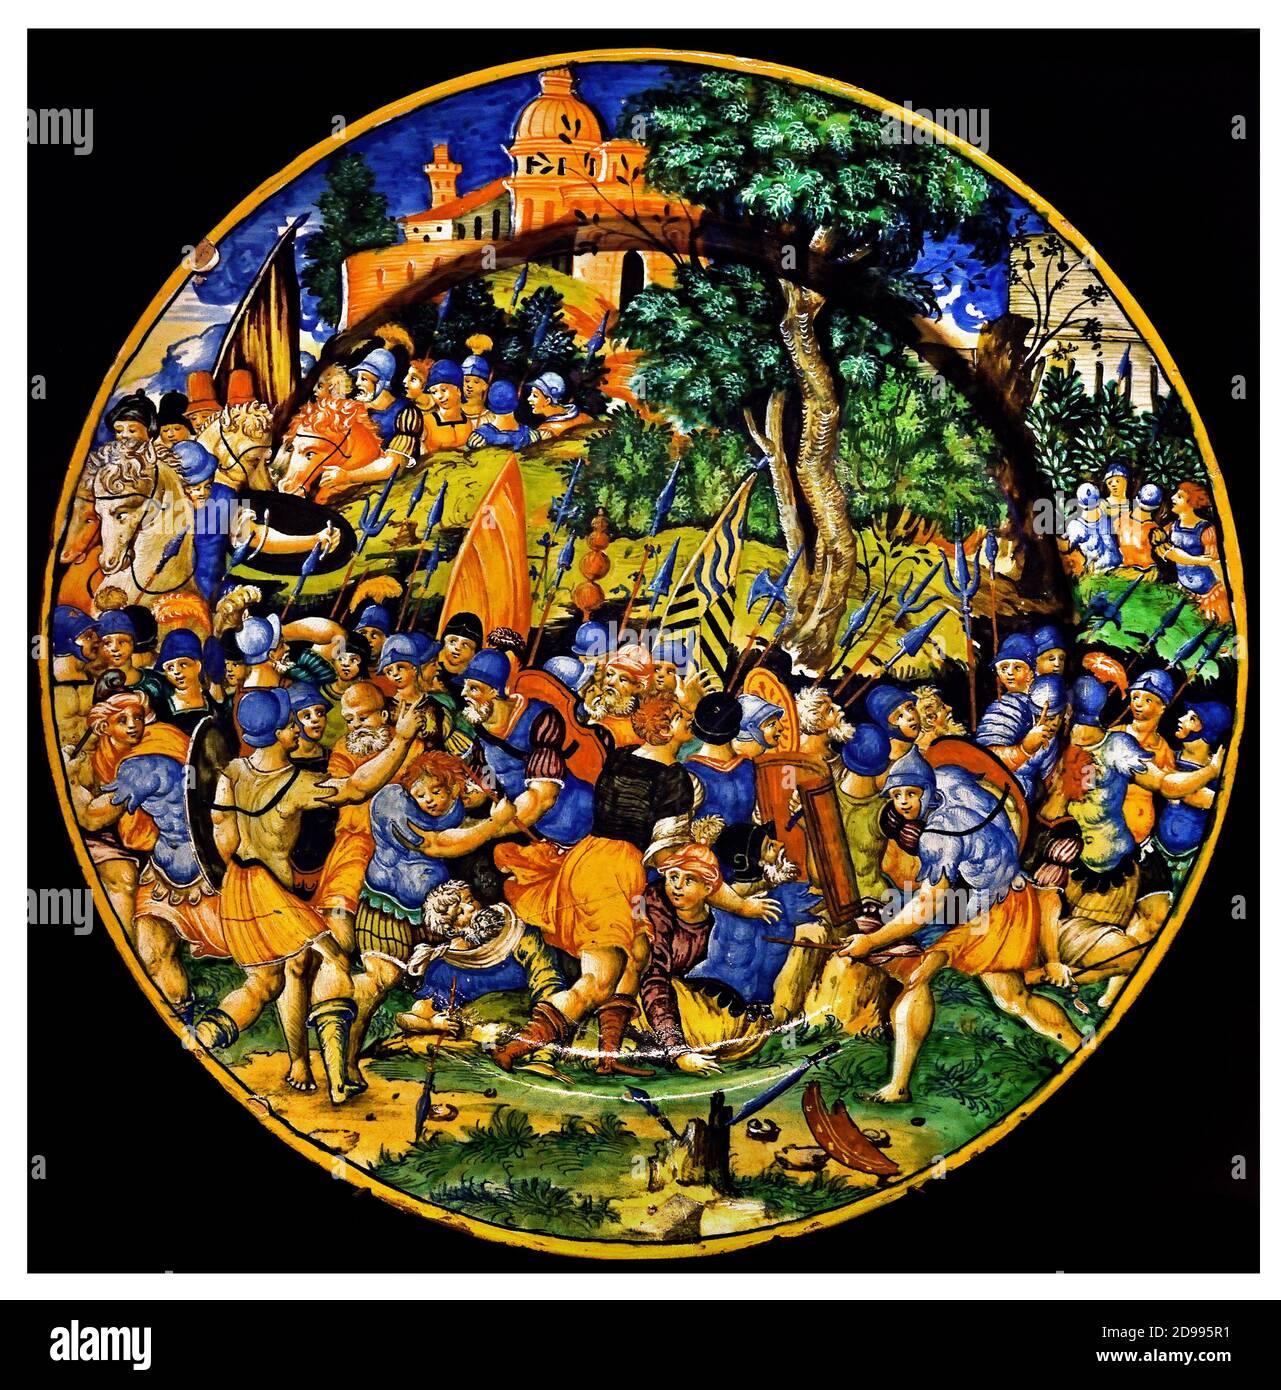 Plato con una batalla entre Julio César y Pompeyo 1543 Orazio Fontana 1510-1571 Urbino ( Pharsalus, en el este de Grecia, fue el lugar de una batalla decisiva en el 48 AEC entre dos de los más grandes generales de Roma: Pompeyo el Grande y Julio César. ) Italia, italiano Foto de stock